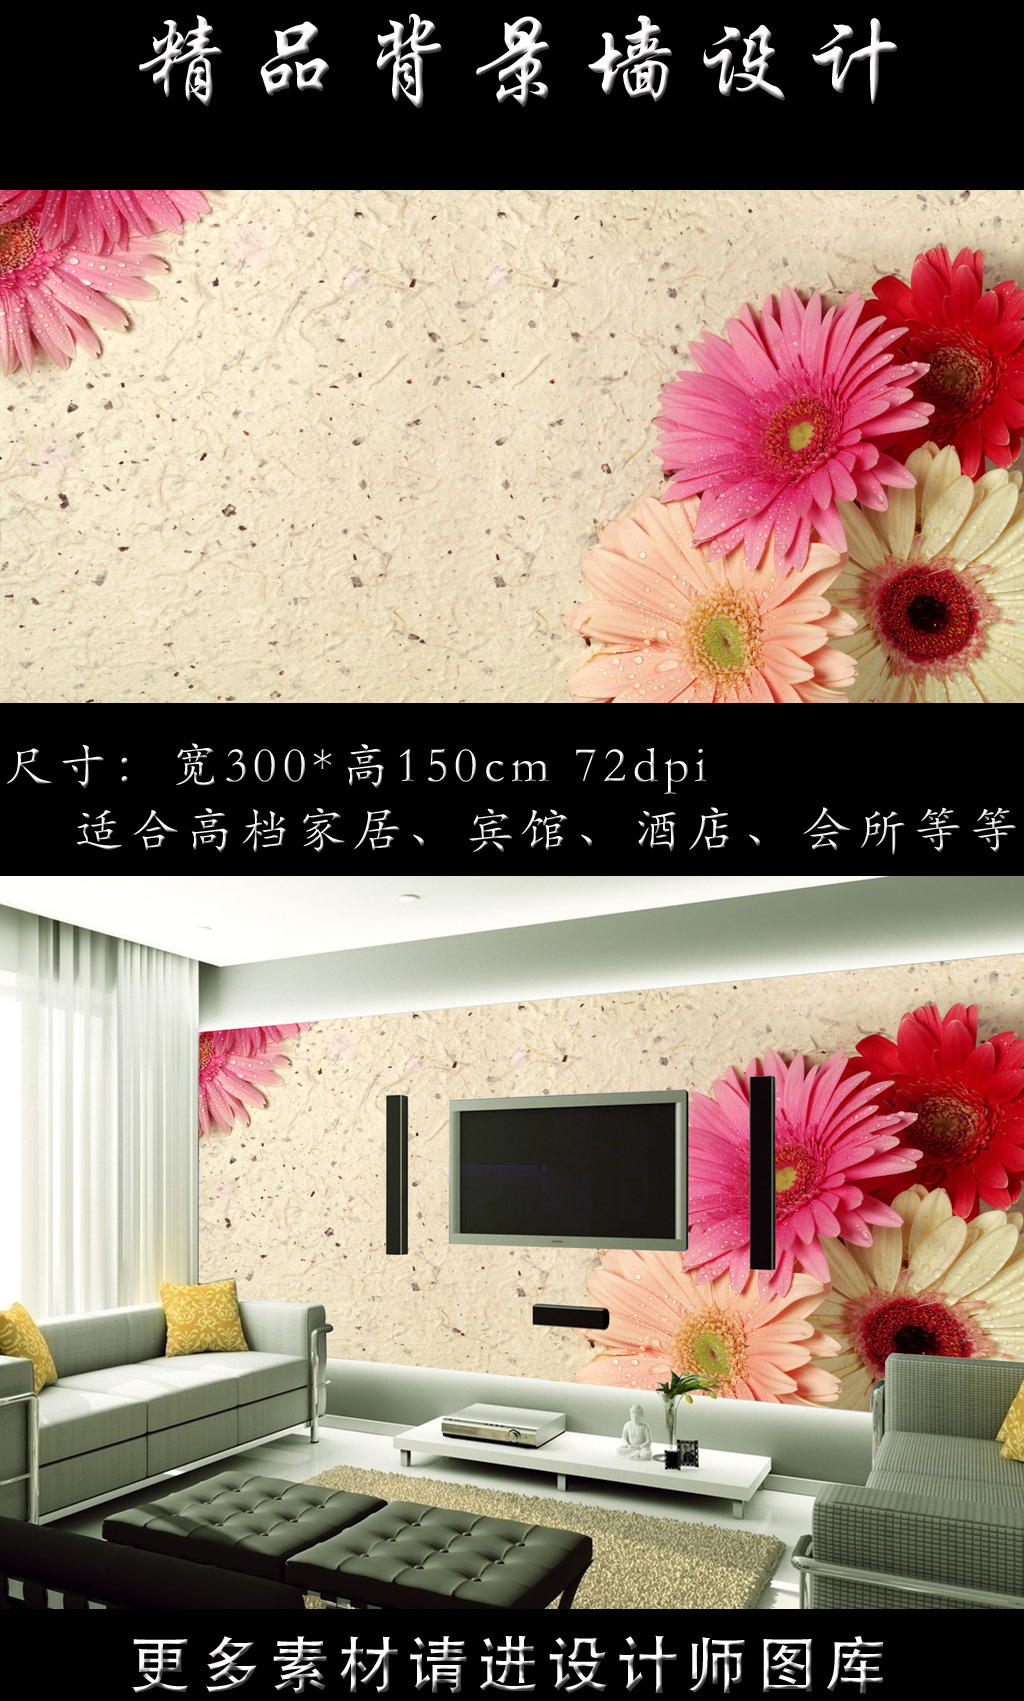 太阳花电视背景墙模板下载